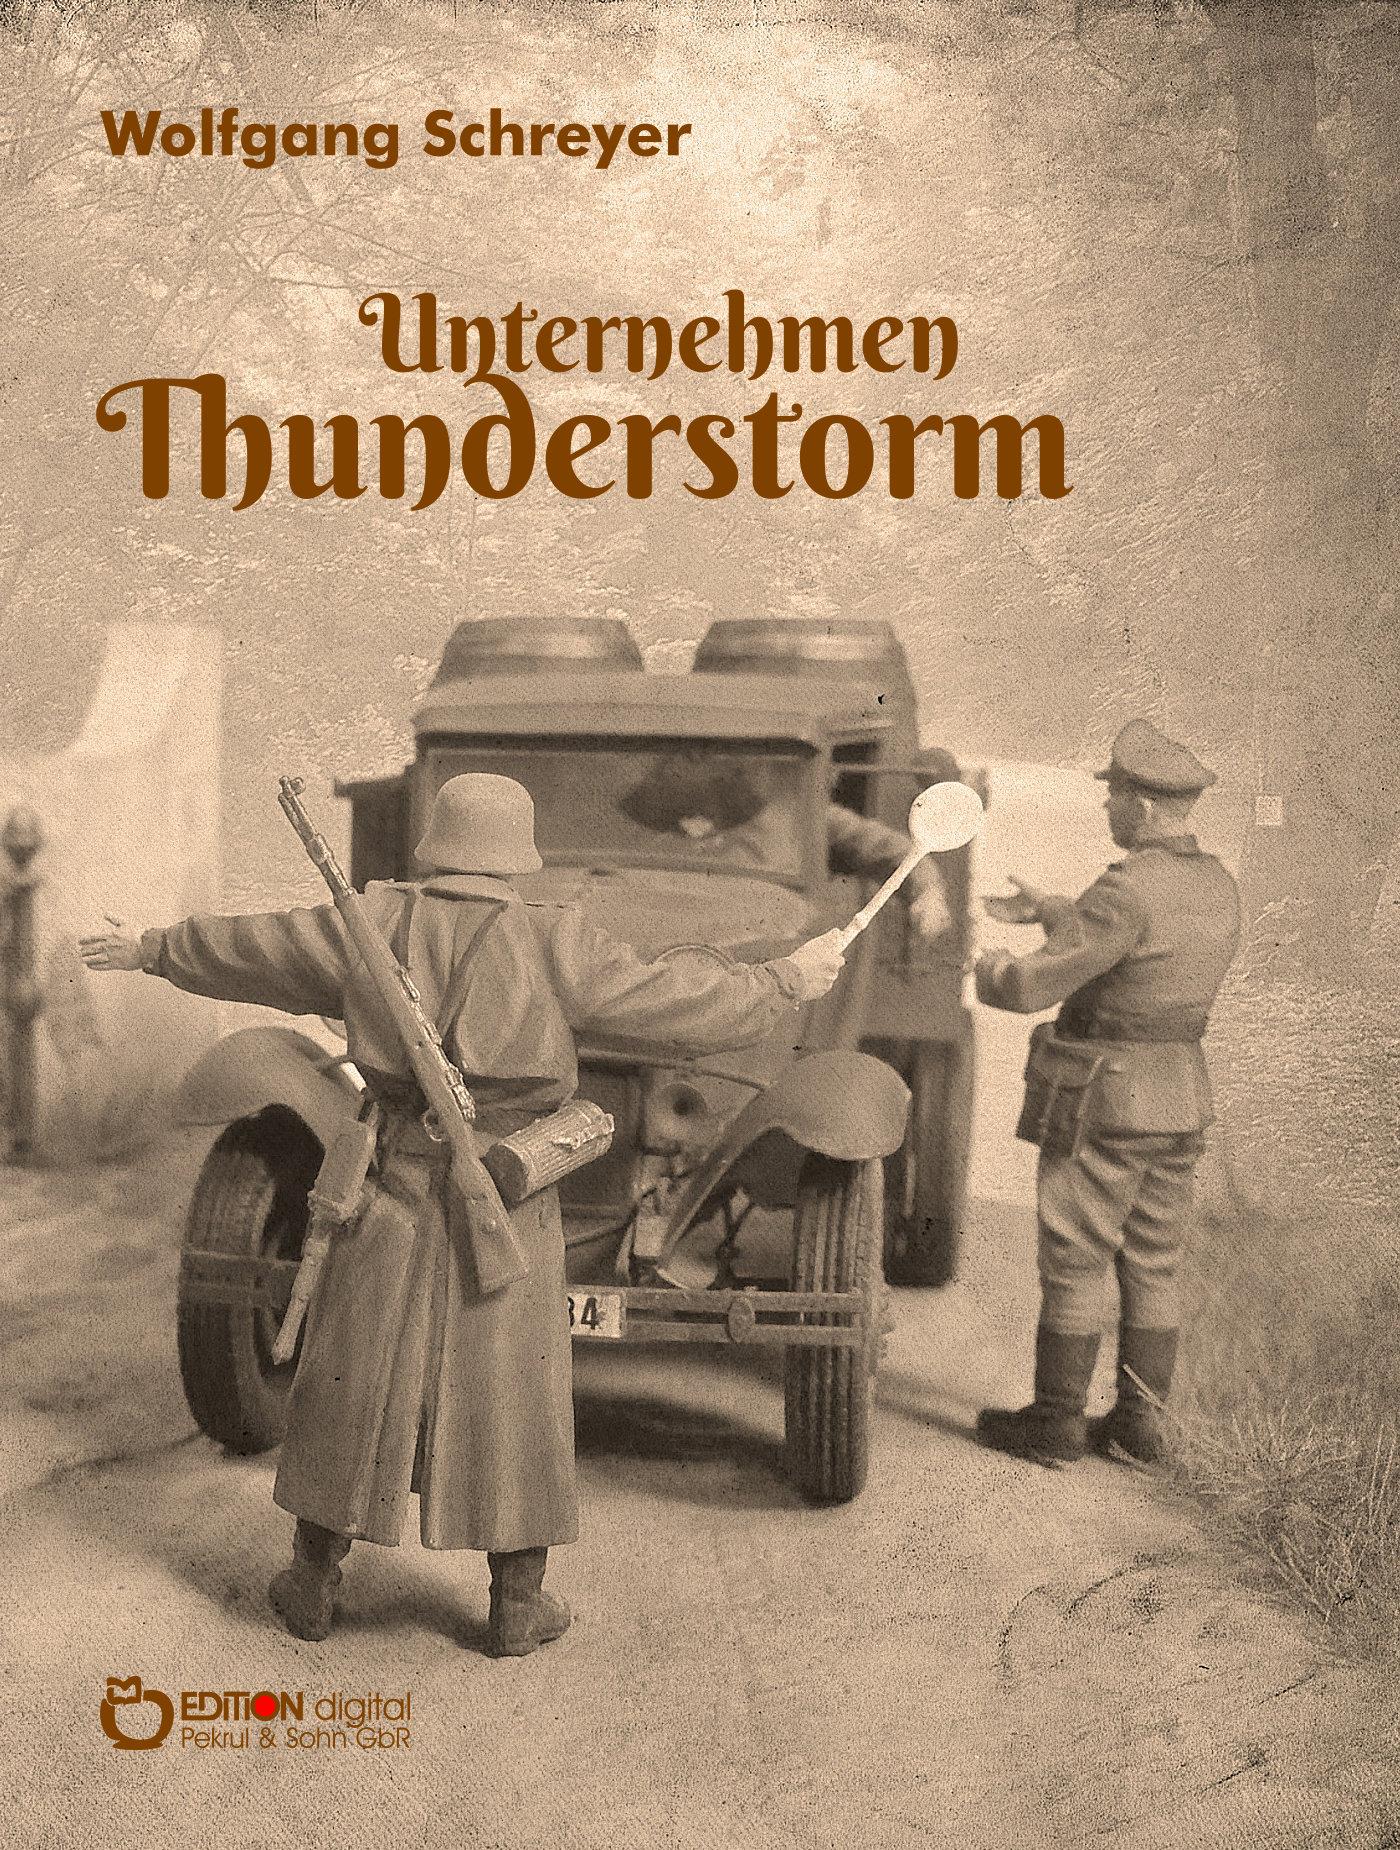 Unternehmen Thunderstorm, Gesamtausgabe von Wolfgang Schreyer